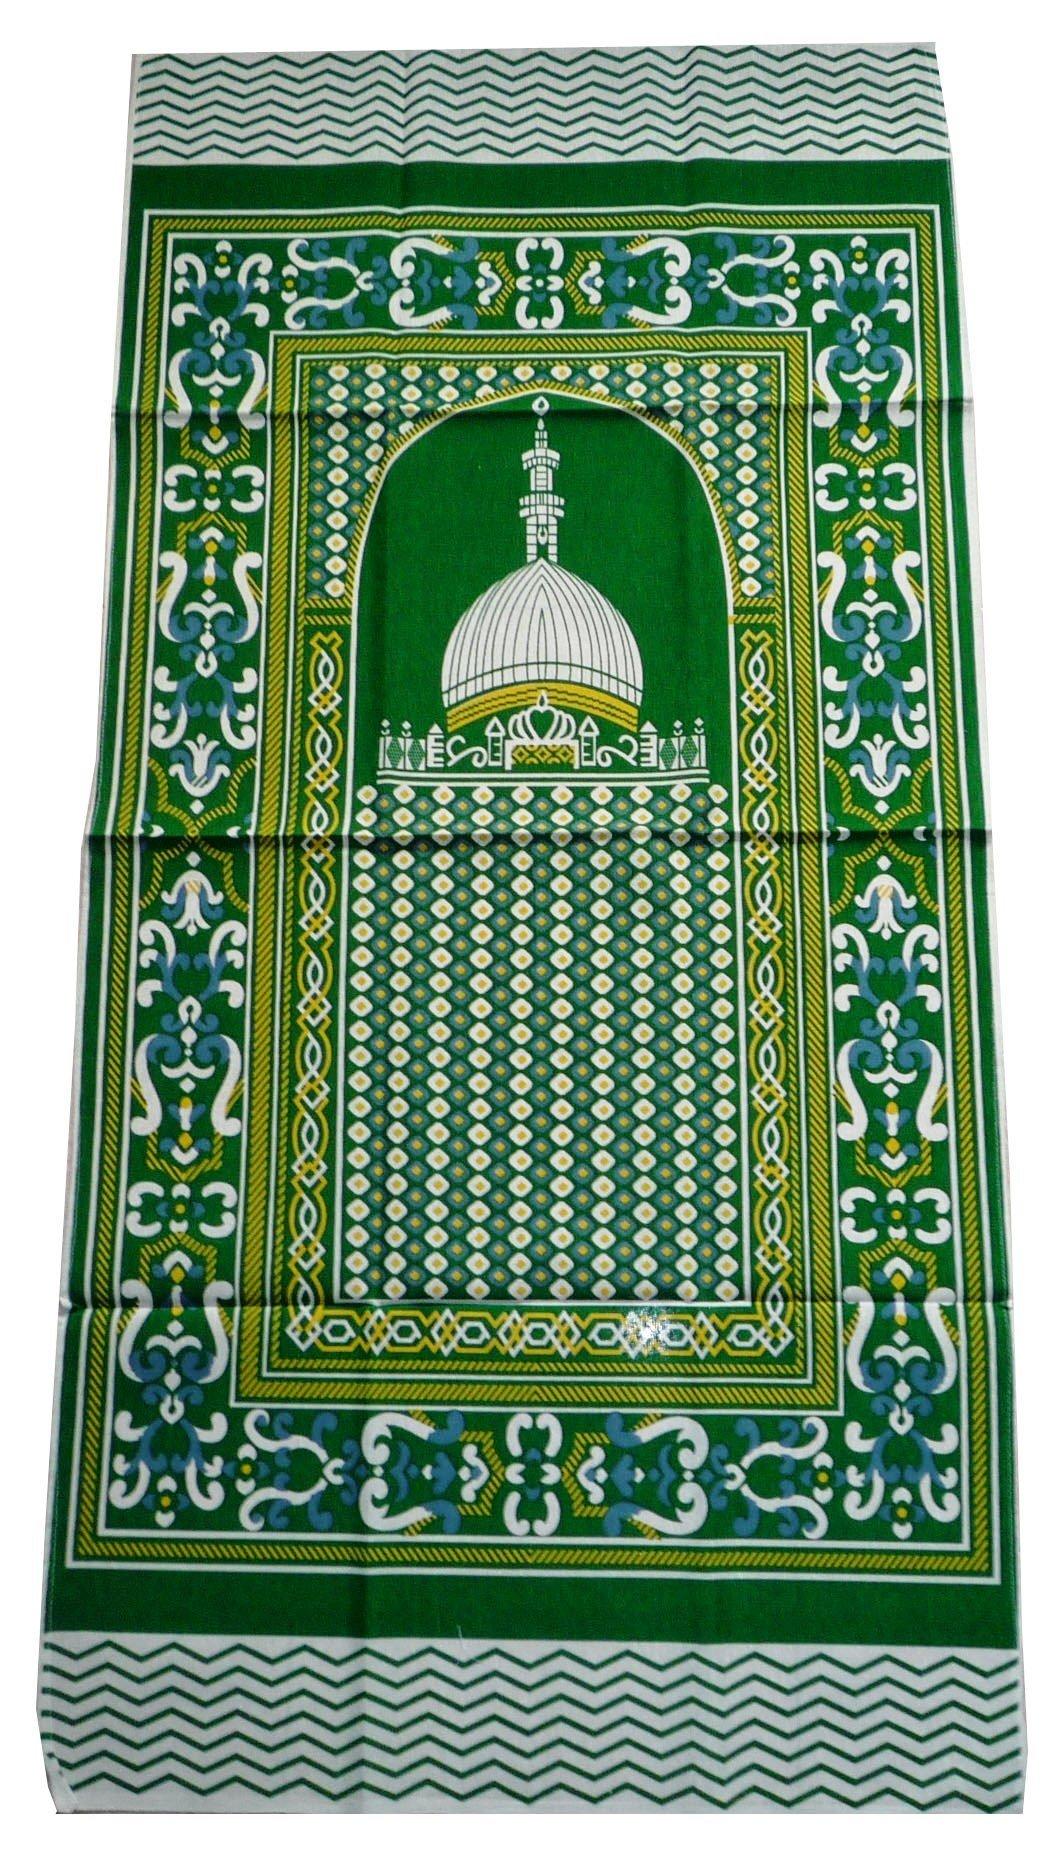 Portable Prayer Mat Thin Cloth Islam Muslim Namaz Sajadah School Camping Backpack Travel Office Sajjadah (Green)